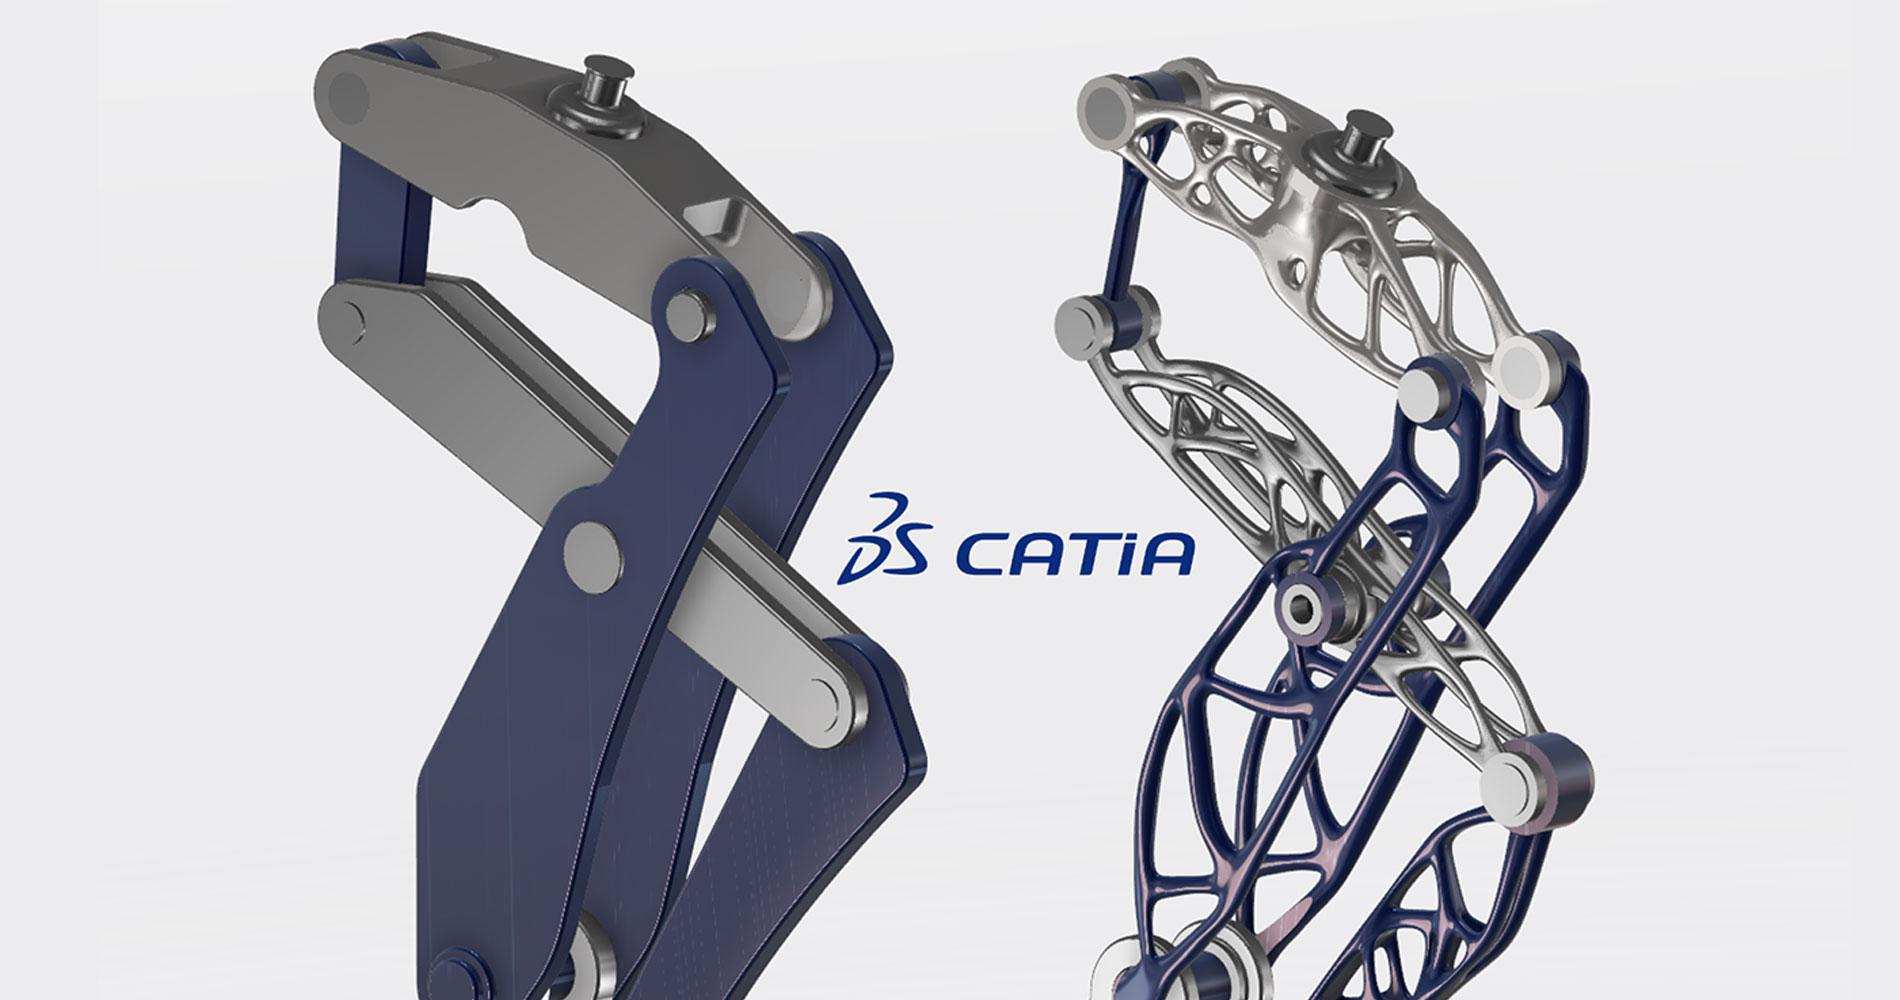 CATIA 3D Druck - EBM GmbH